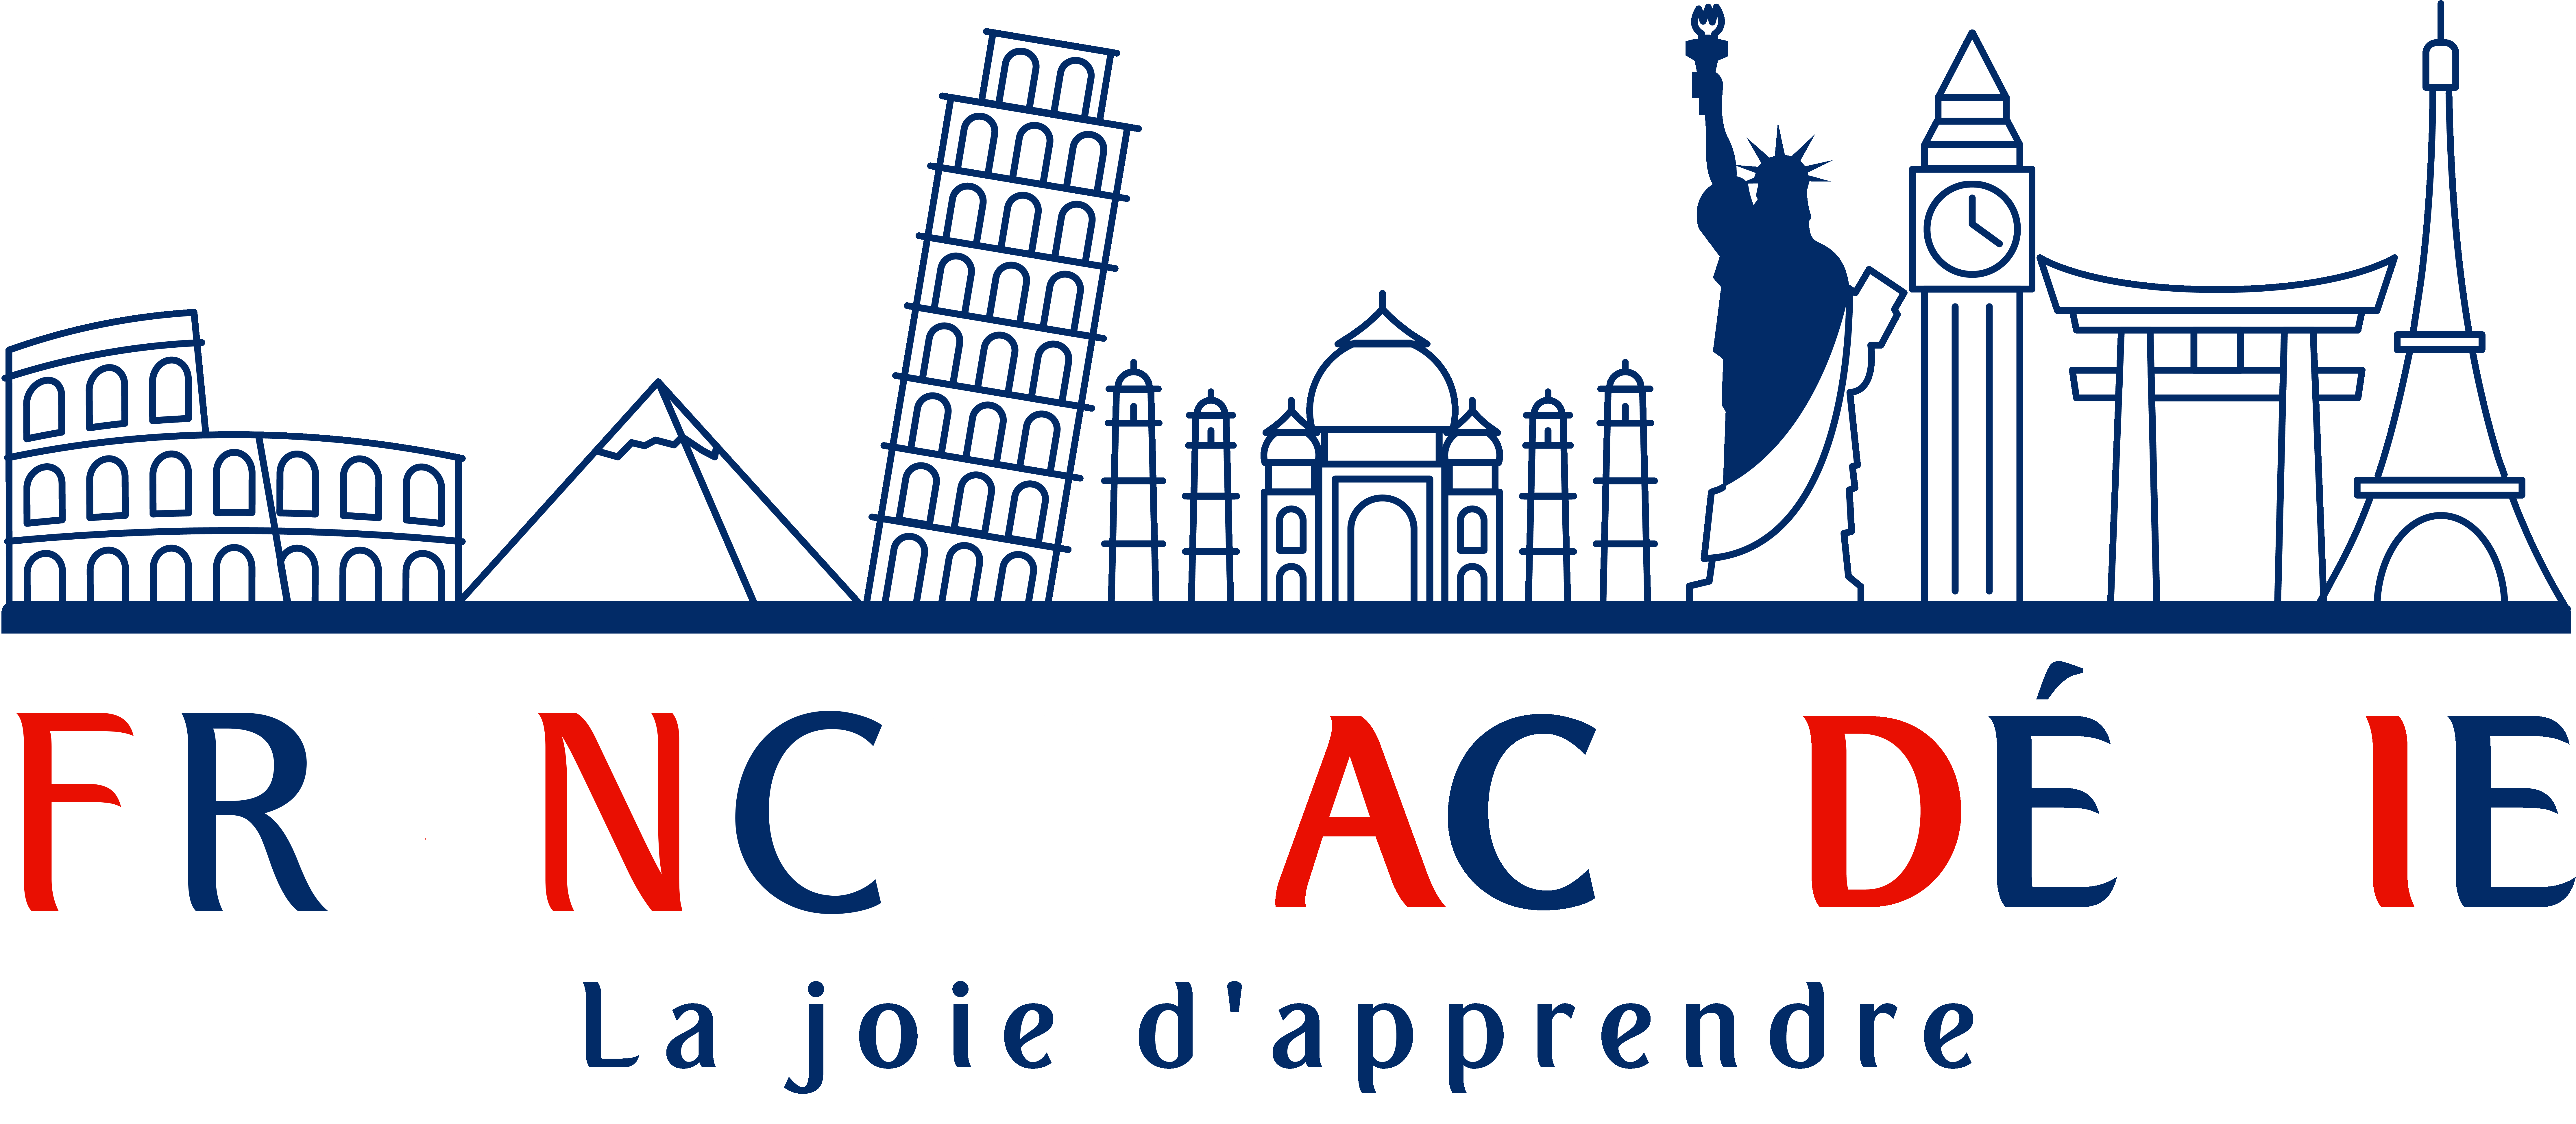 French Académie